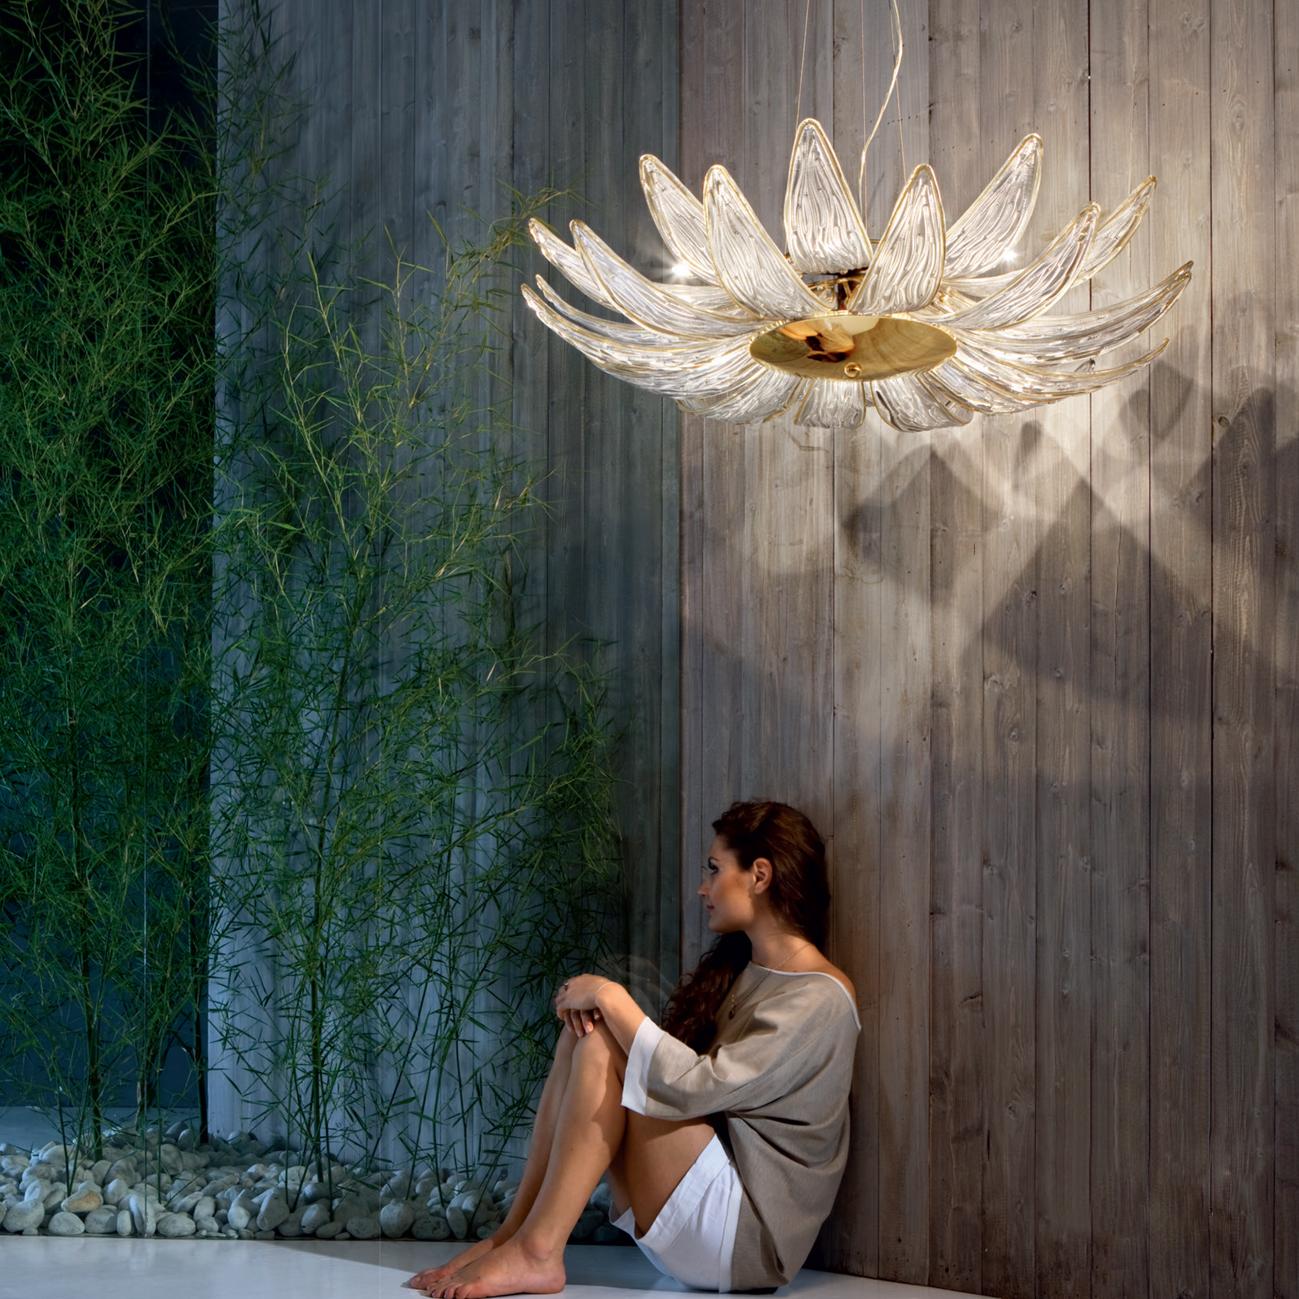 Уникальную по дизайну коллекцию предлагает и известный австрийский бренд Kolarz. Подвесная модель DALIA выполнена в виде огромного цветка, расположенного на основе, которая покрыта 24-каратным золотом. Лепестки изготовлены вручную из прозрачного муранского стекла. Модель комплектуется шестью лампами и может стать идеальным дополнением интерьера в стиле модерн и флора.